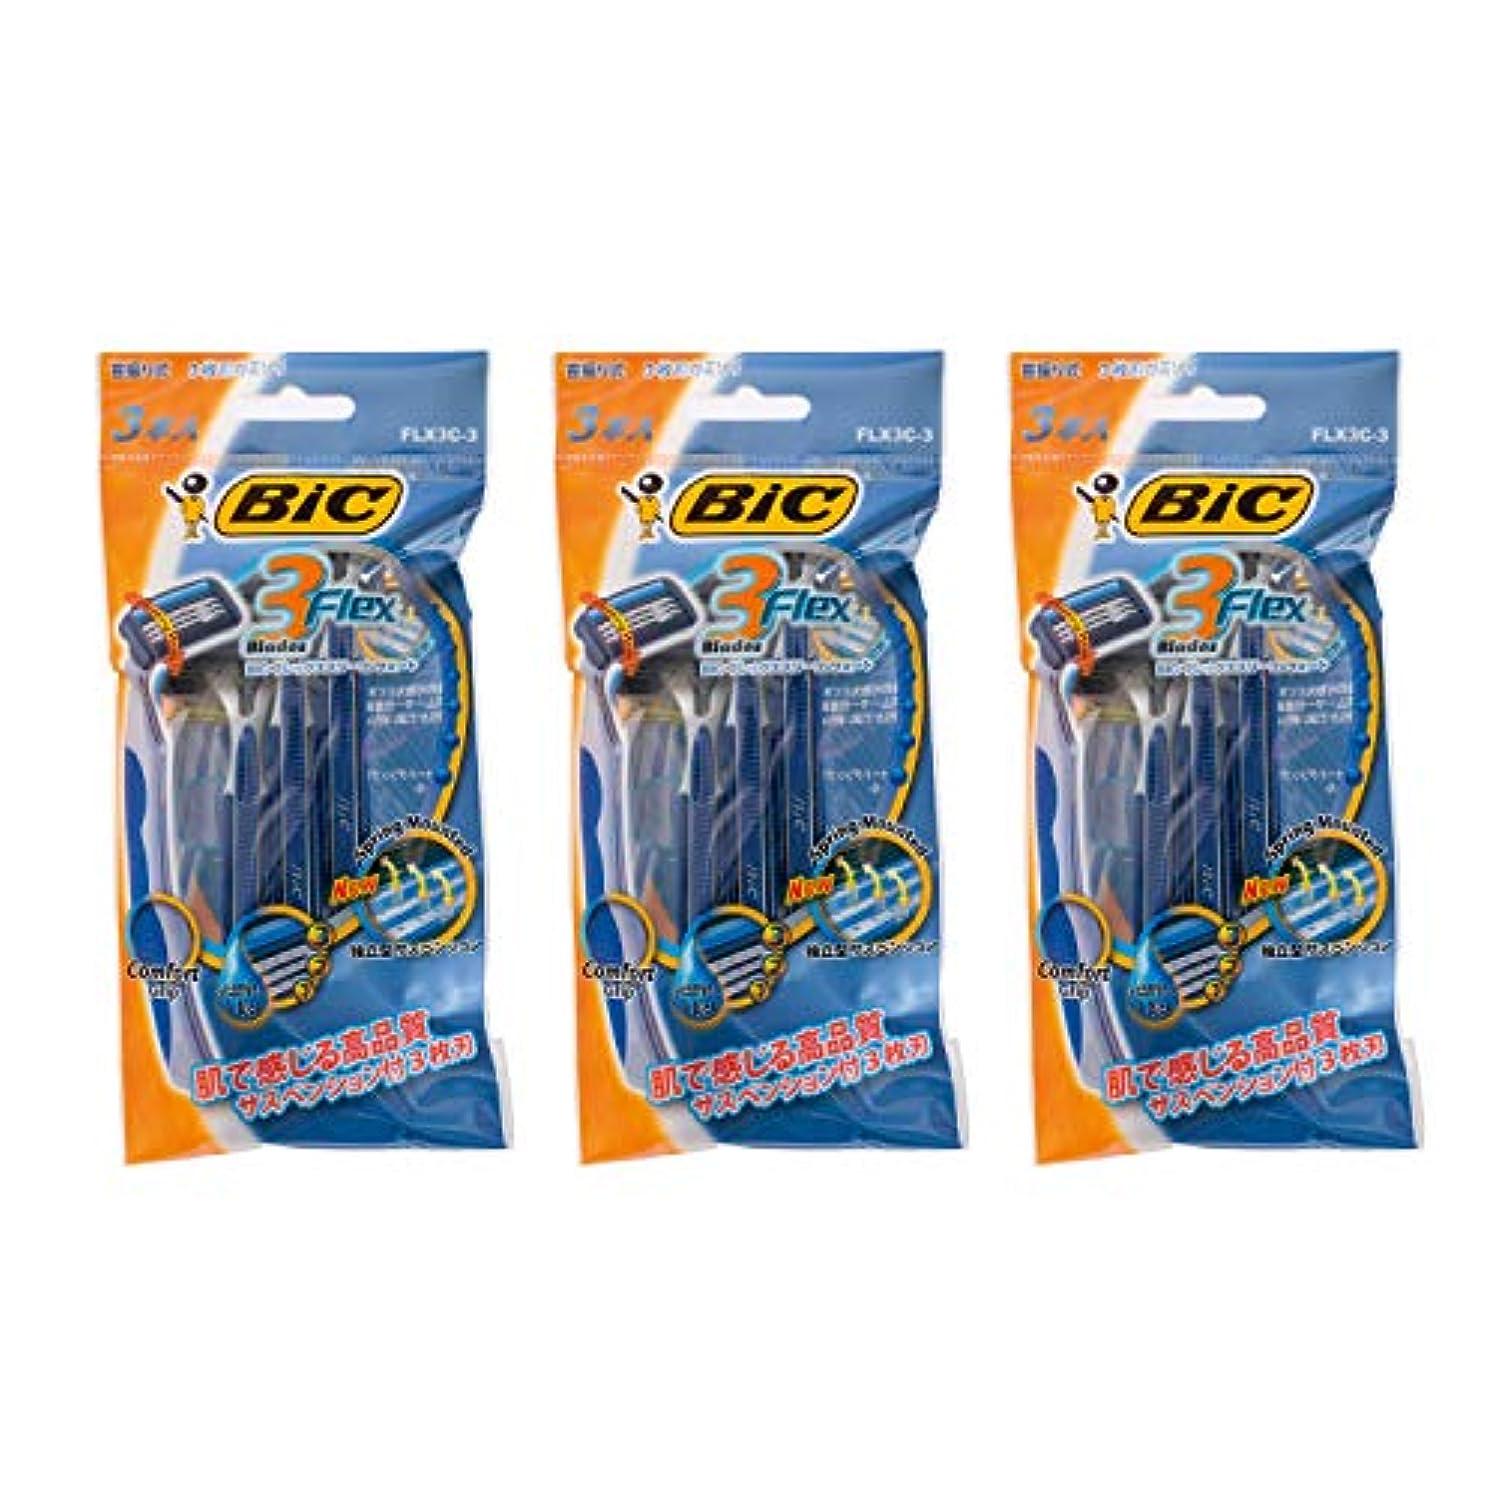 懸念貯水池租界ビック BIC フレックス3 コンフォート3本入 x 3パック(9本) FLEX3 3枚刃 使い捨てカミソリ 首振り サスペンション ディスポ